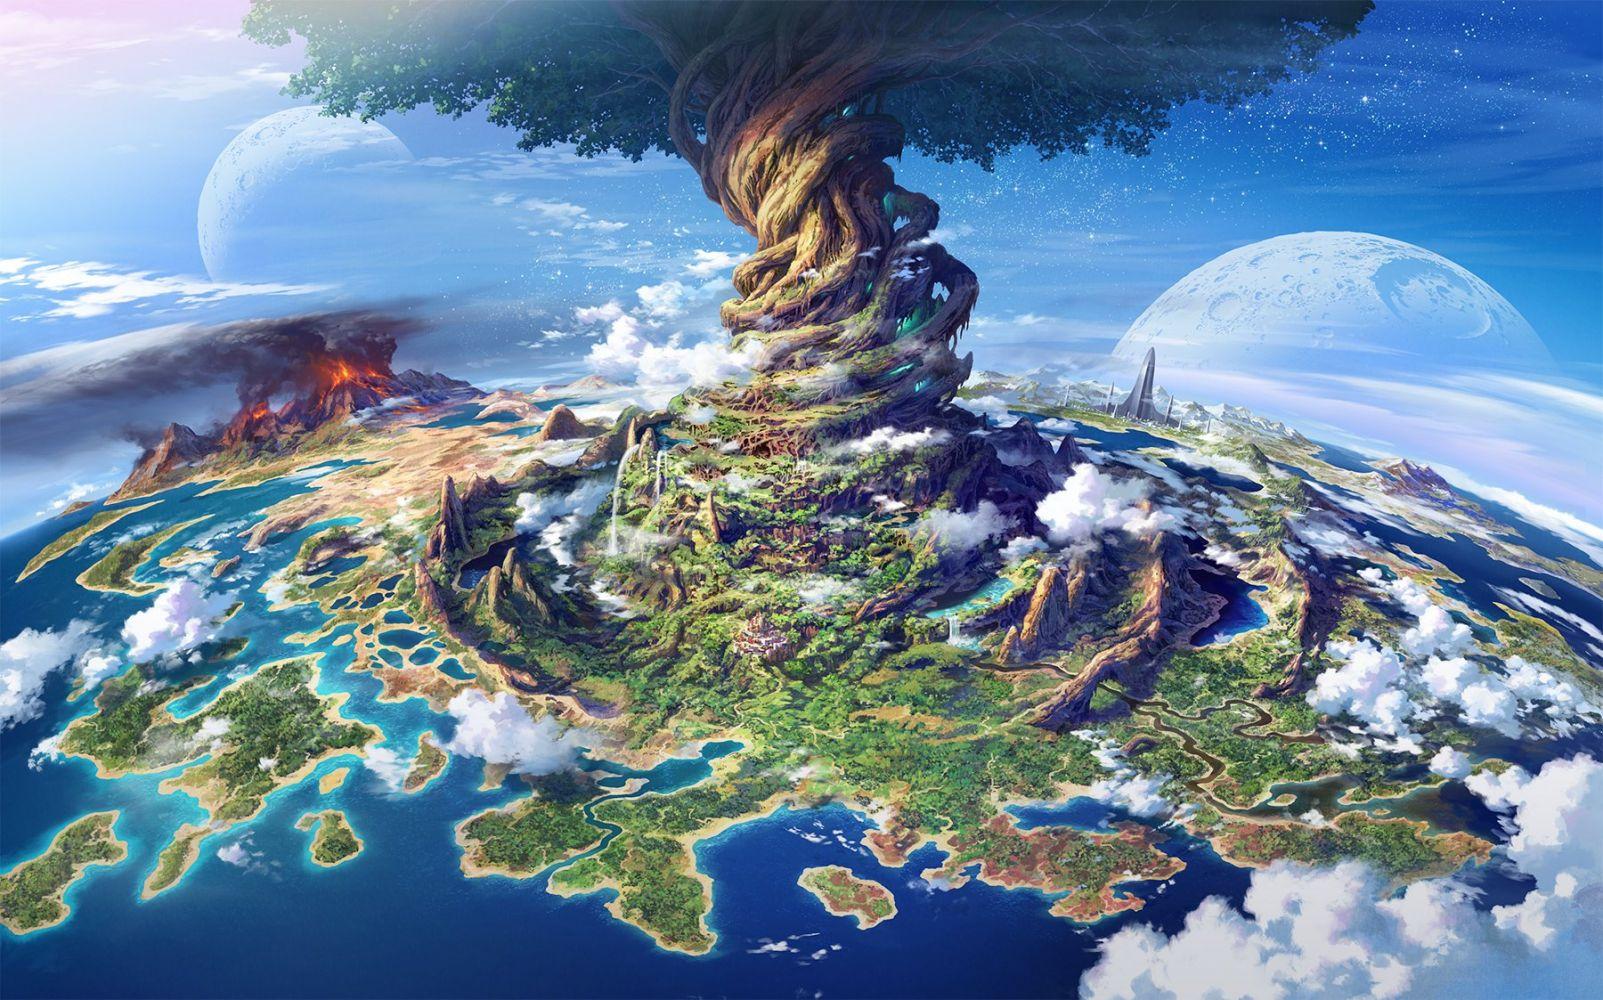 Hình nền anime 3d phong cảnh